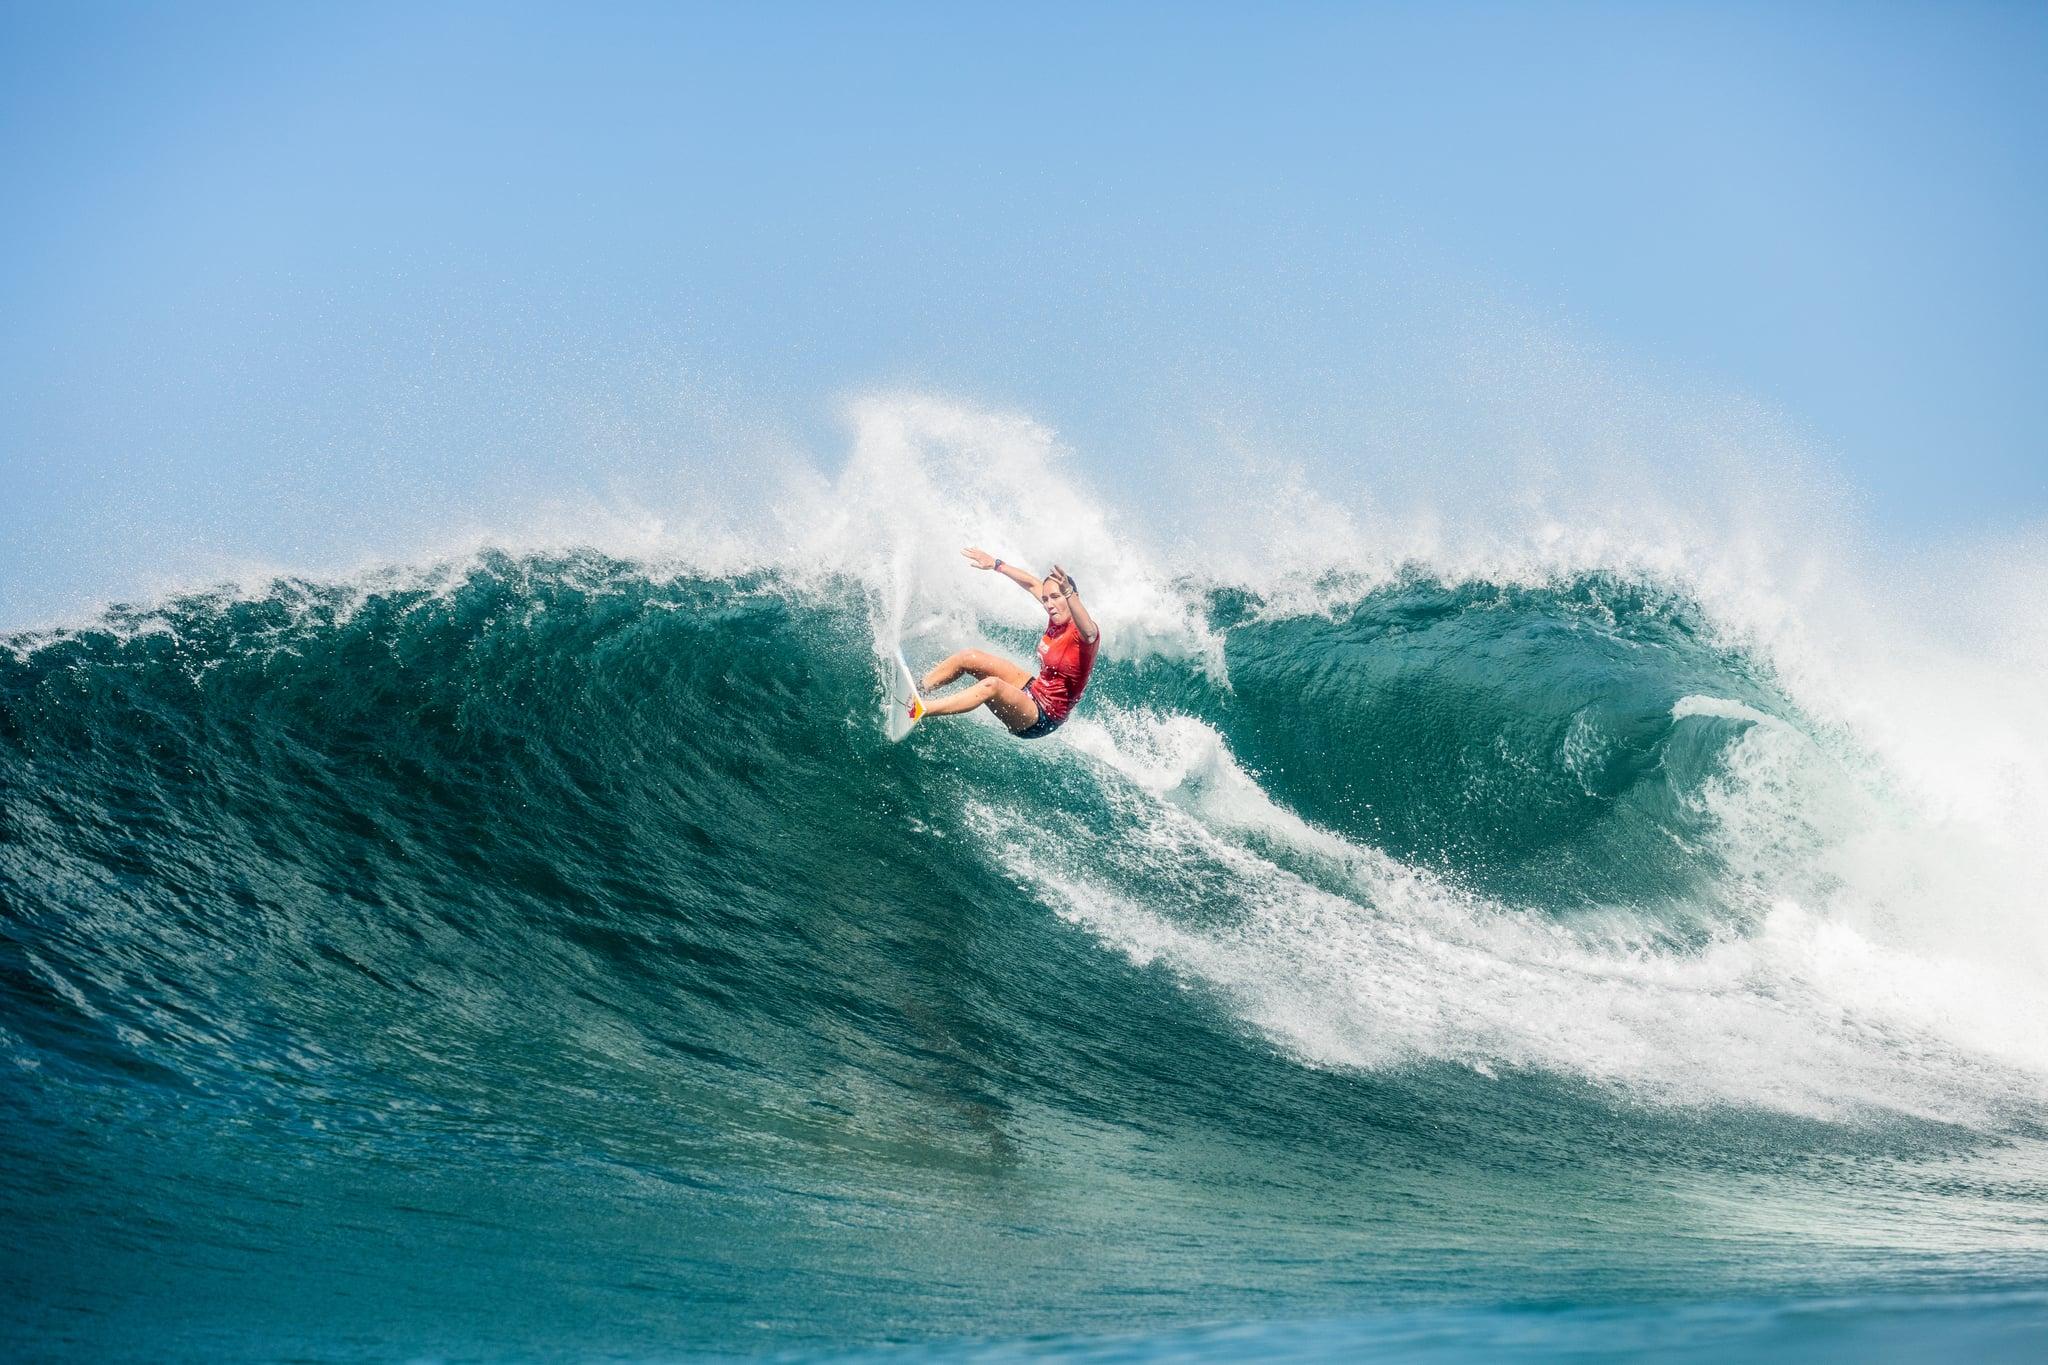 نیوکاستل ، آئوس - 10 آوریل: چهار بار قهرمان WSL ، کاریسا مور از هاوایی در گرما 3 از مرحله نیمه نهایی جام ریپ کرل نیوکاسل که توسط کرونا در 10 آوریل 2021 در نیوکاسل ، استرالیا ارائه شد ، موج سواری کرد.  (عکس Cait Miers / World Surf League از طریق گتی ایماژ)